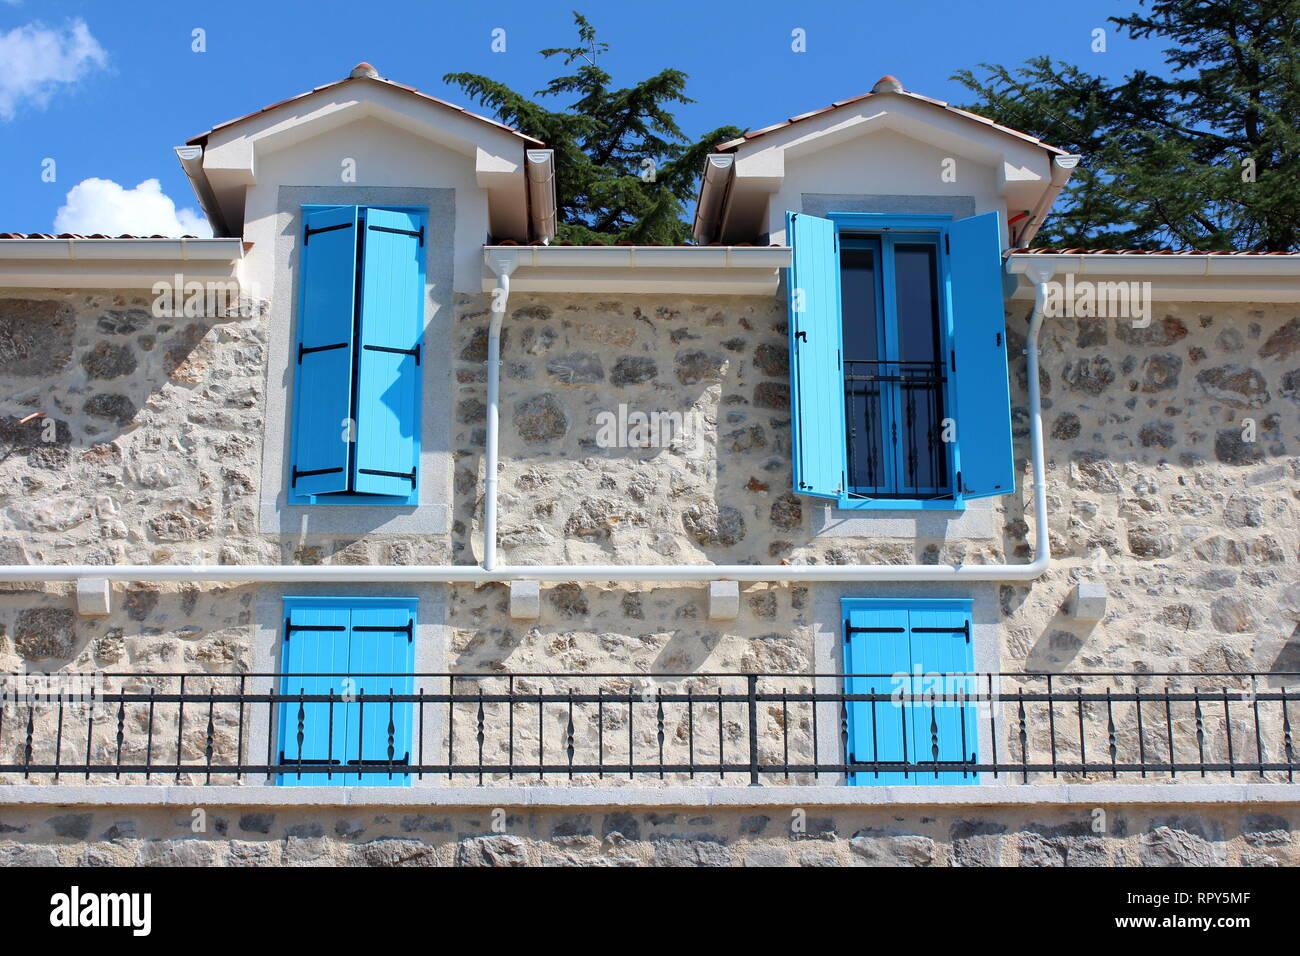 Offene Und Geschlossene Hellblau Holz Fenster Jalousien An